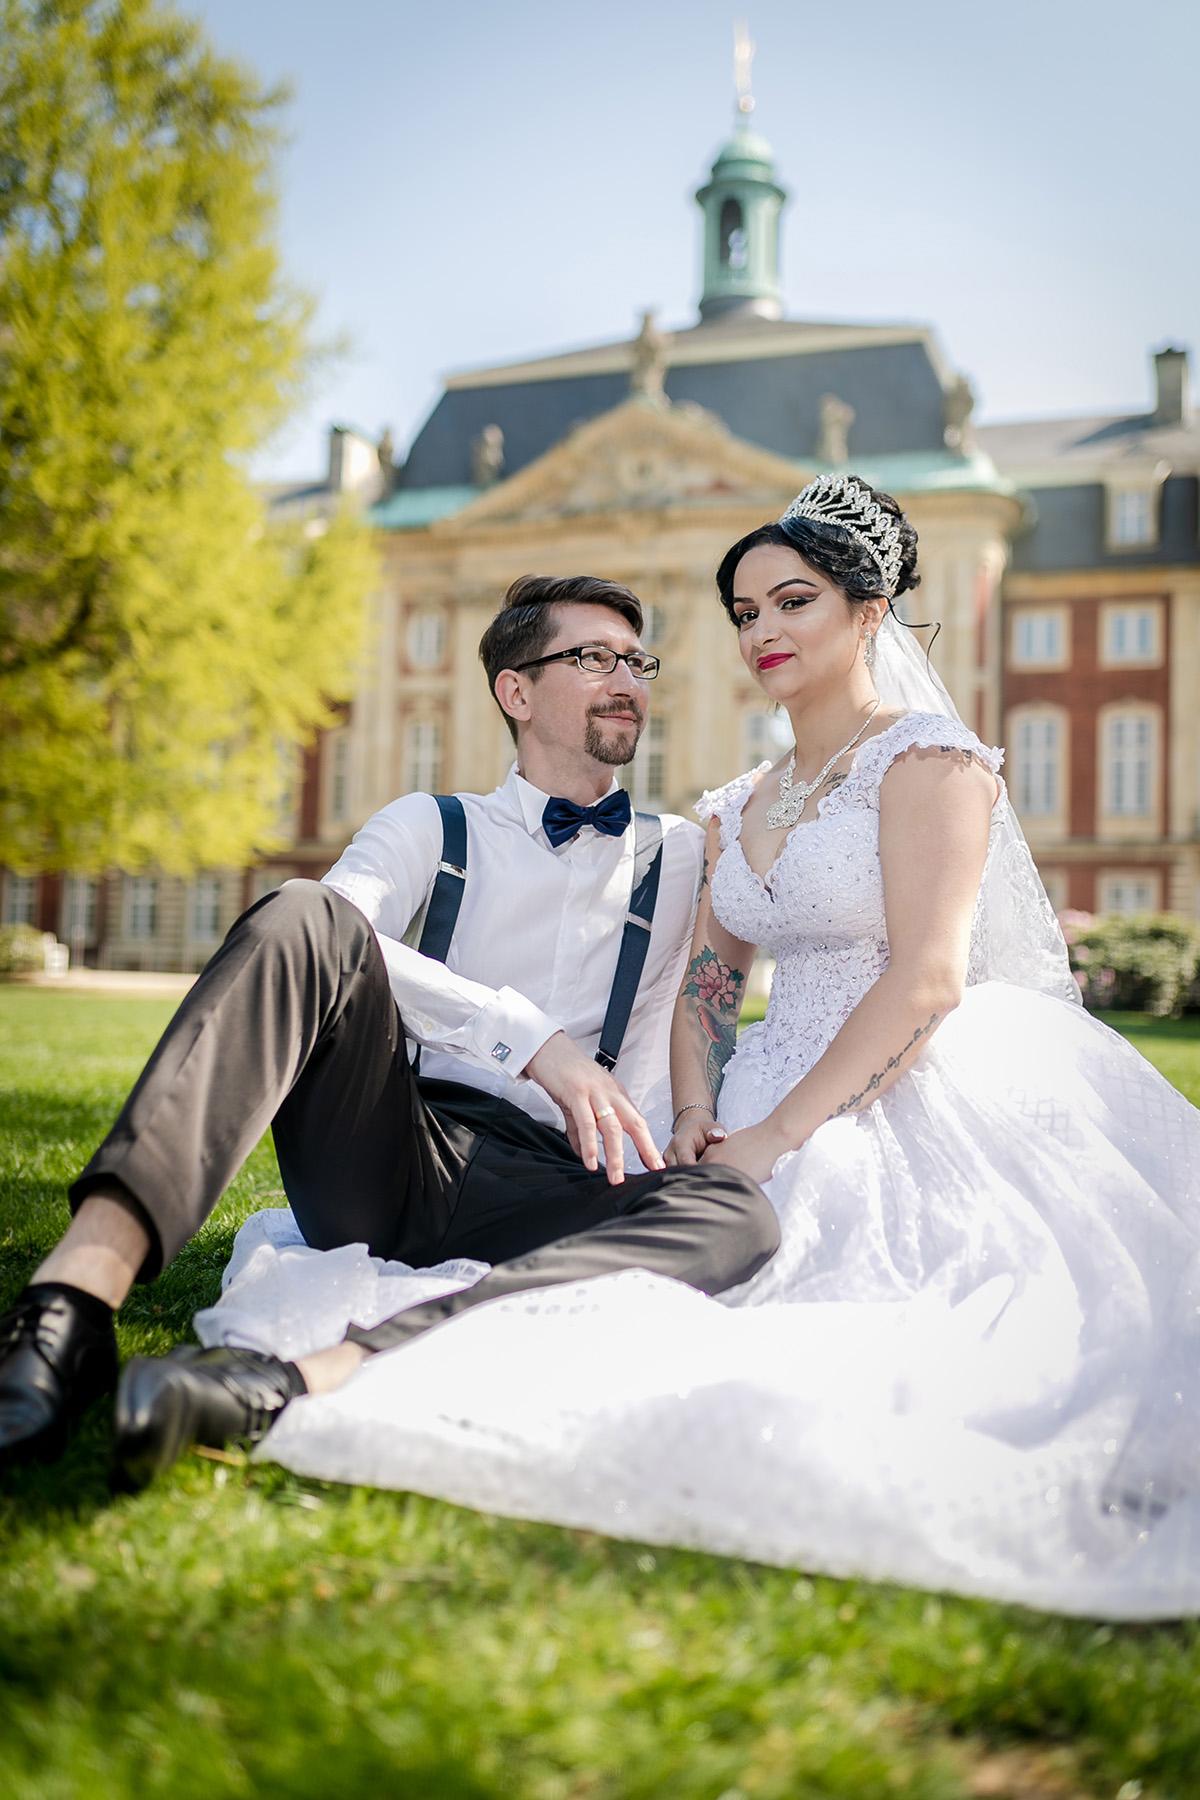 Hochzeit; Trauung; Wedding; Standesamt; Münster; Feier; Party; Paar; Brautpaarshooting